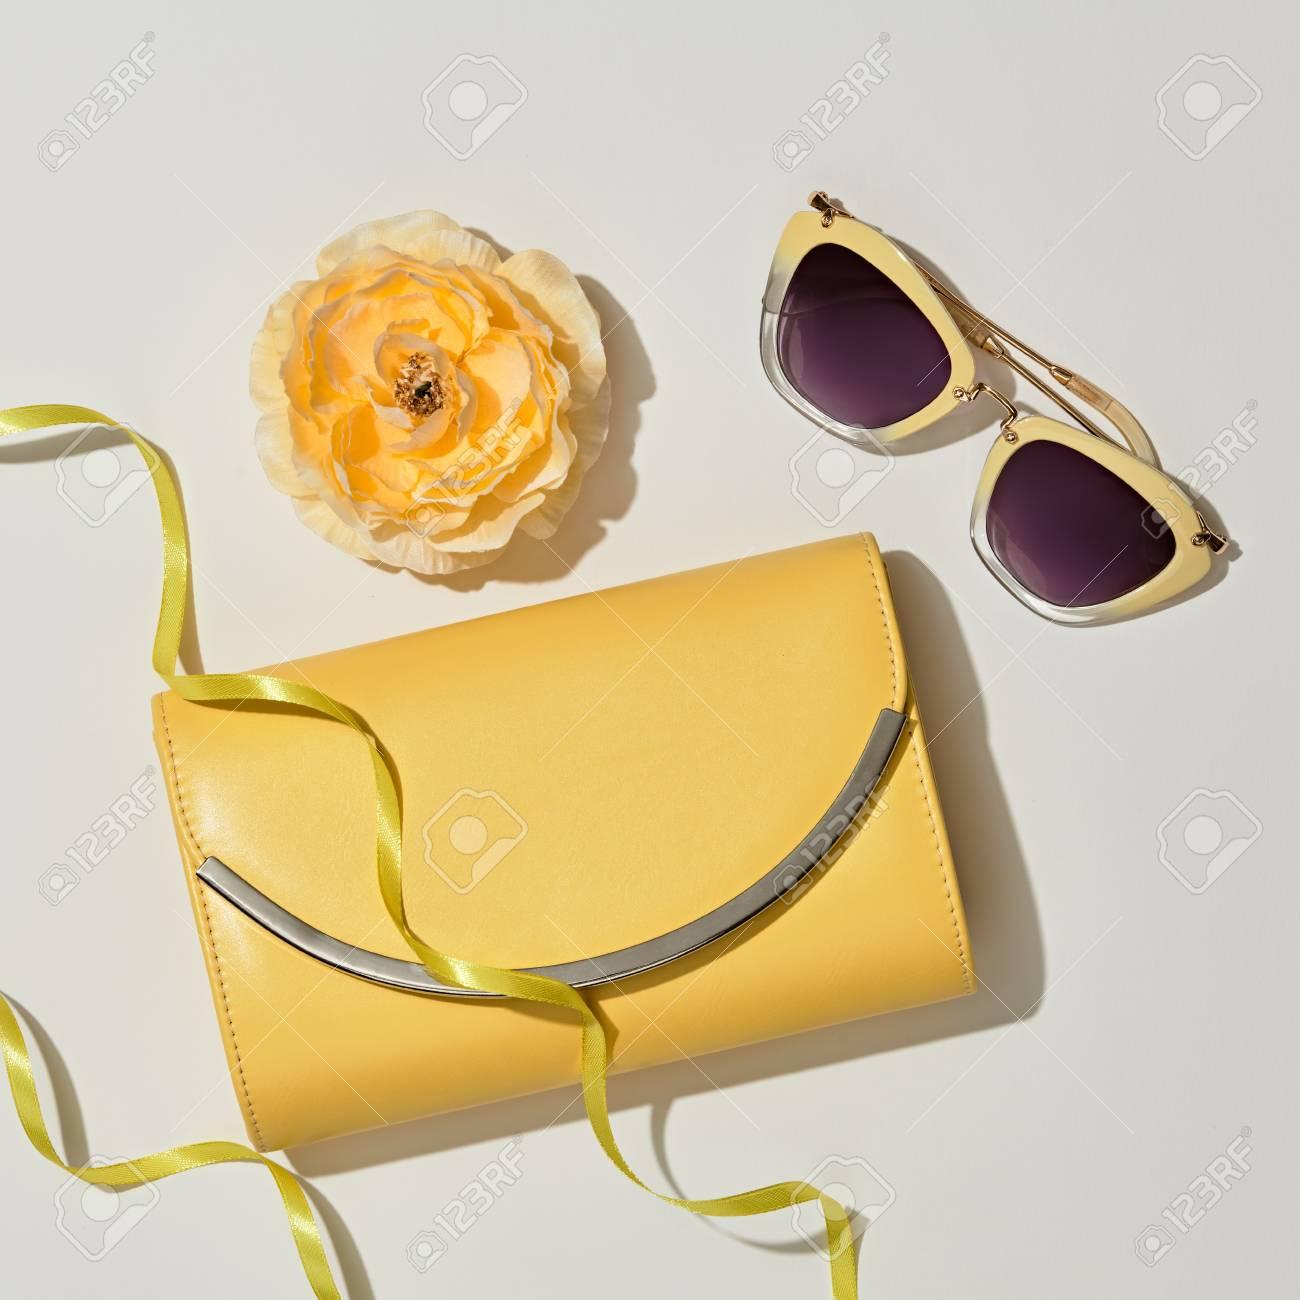 Soleil FemmeCouleur D'accessoires Sac À GlamourFleurDame PoserPochette Jaune Ensemble La De Mode PastelPlat MainLunettes dCQxshrtB